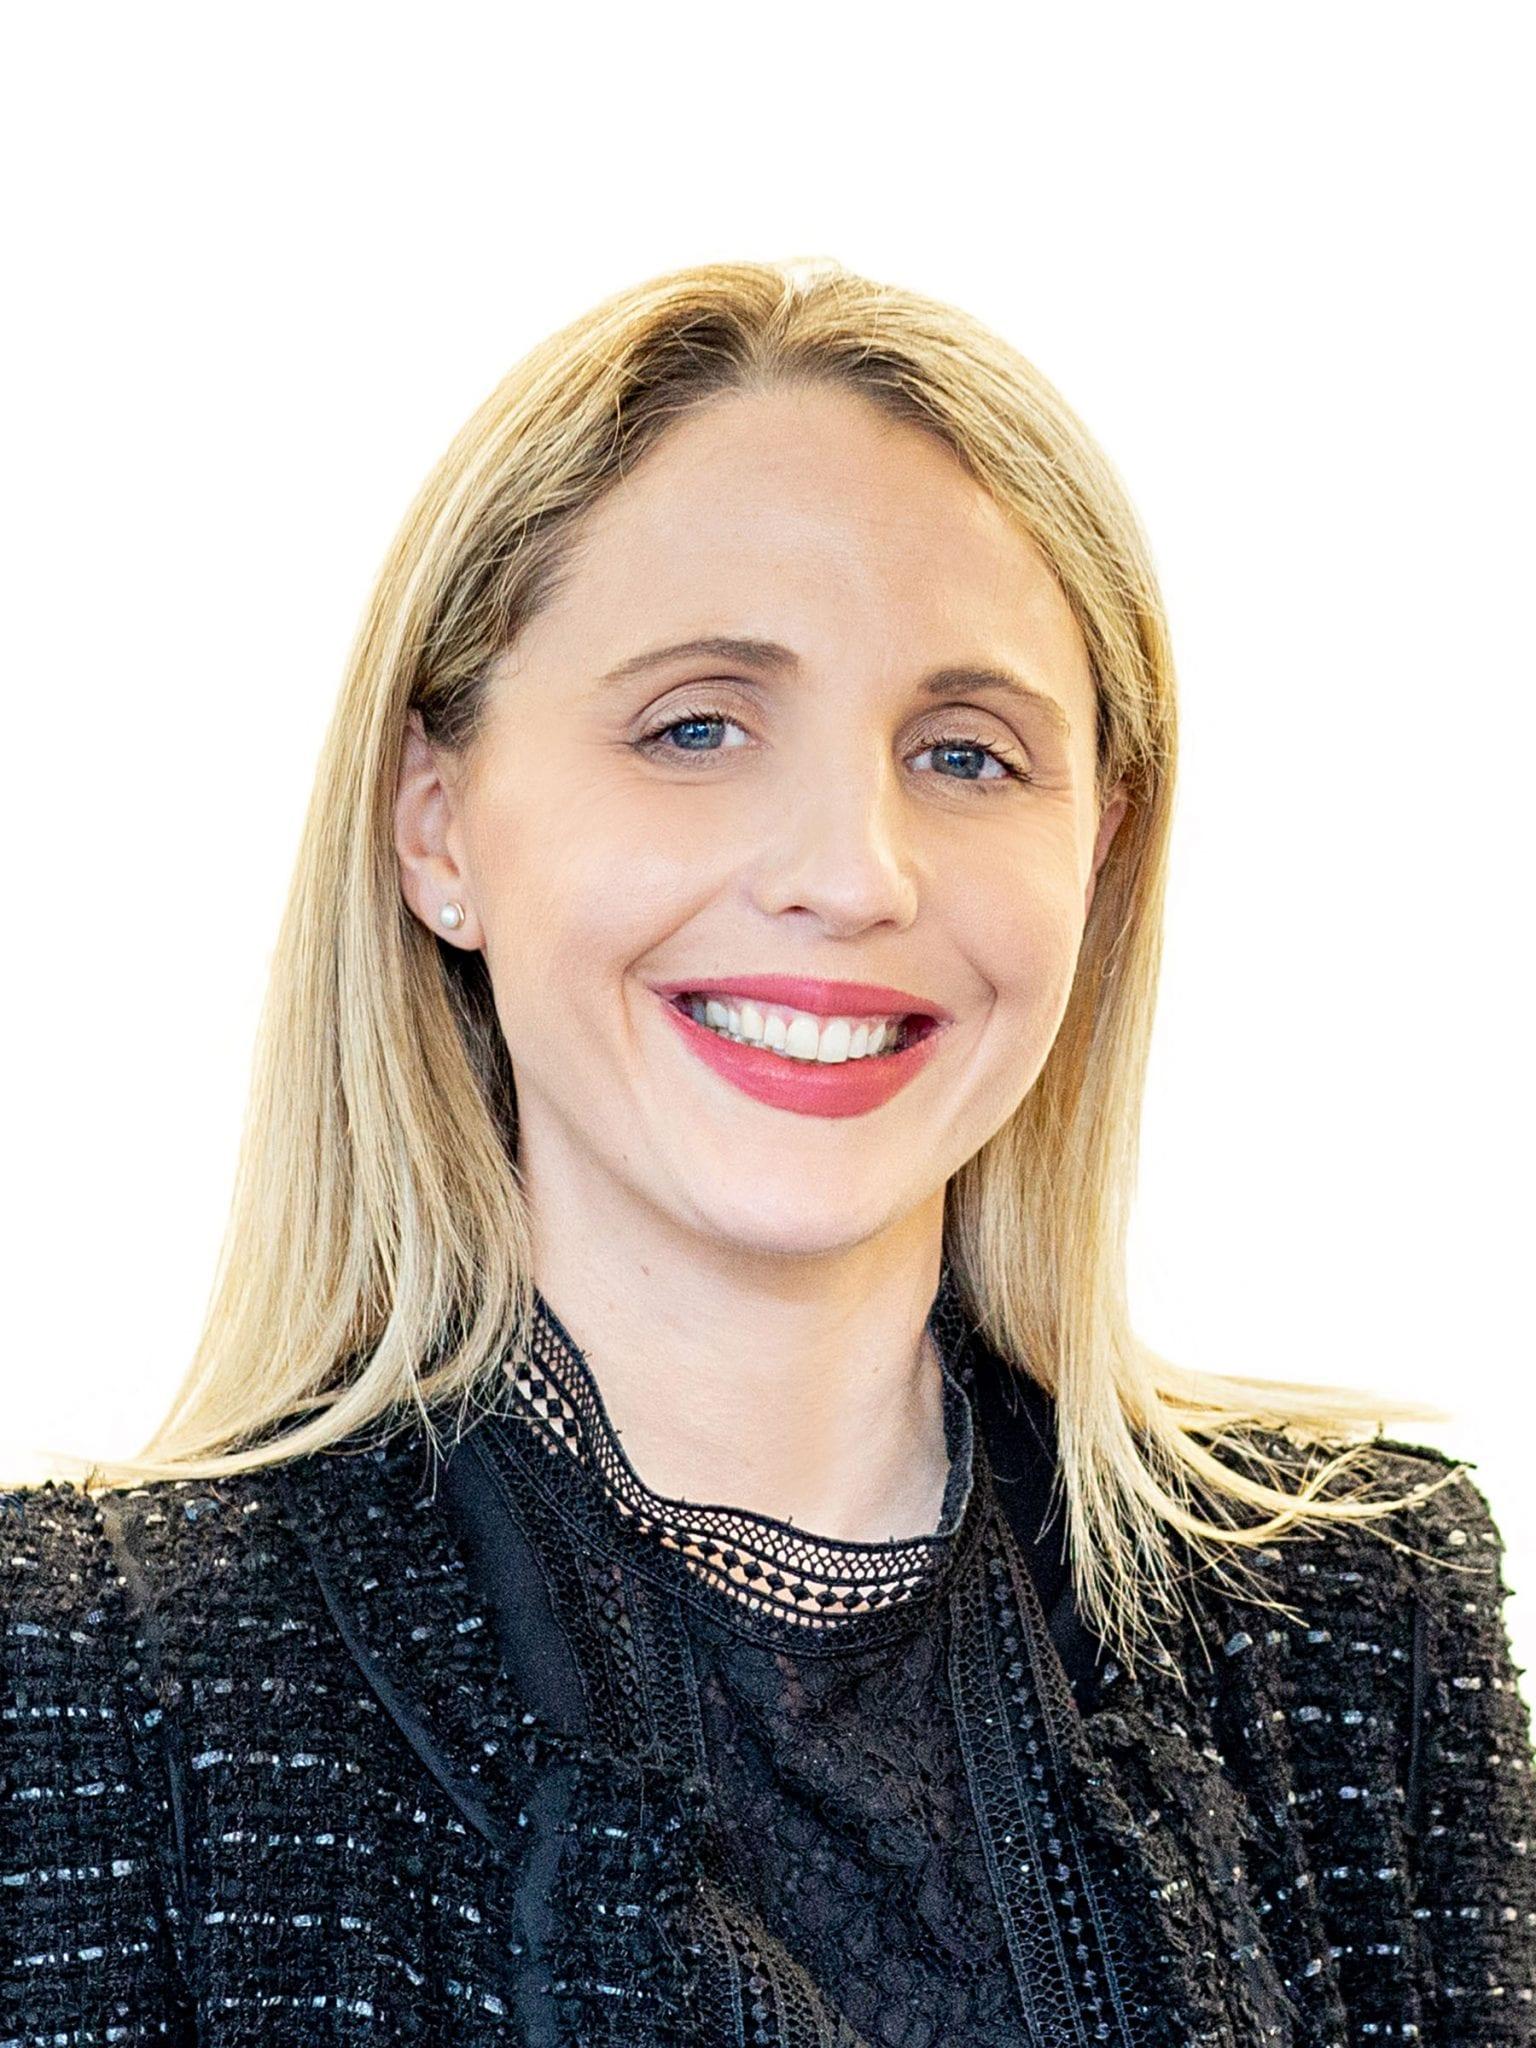 Katie Colgan